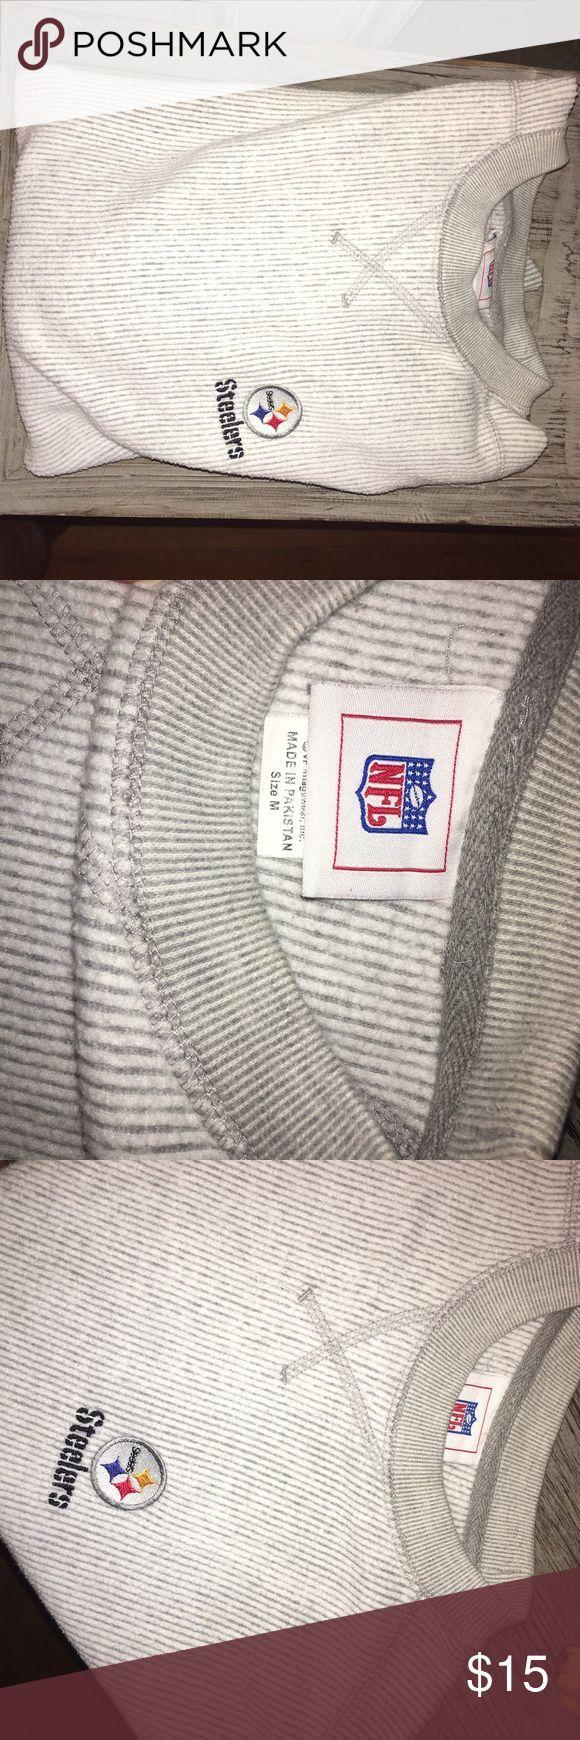 Steelers NFL sweatshirt Men's size medium Pittsburg Steelers sweatshirt NFL Shirts Sweatshirts & Hoodies